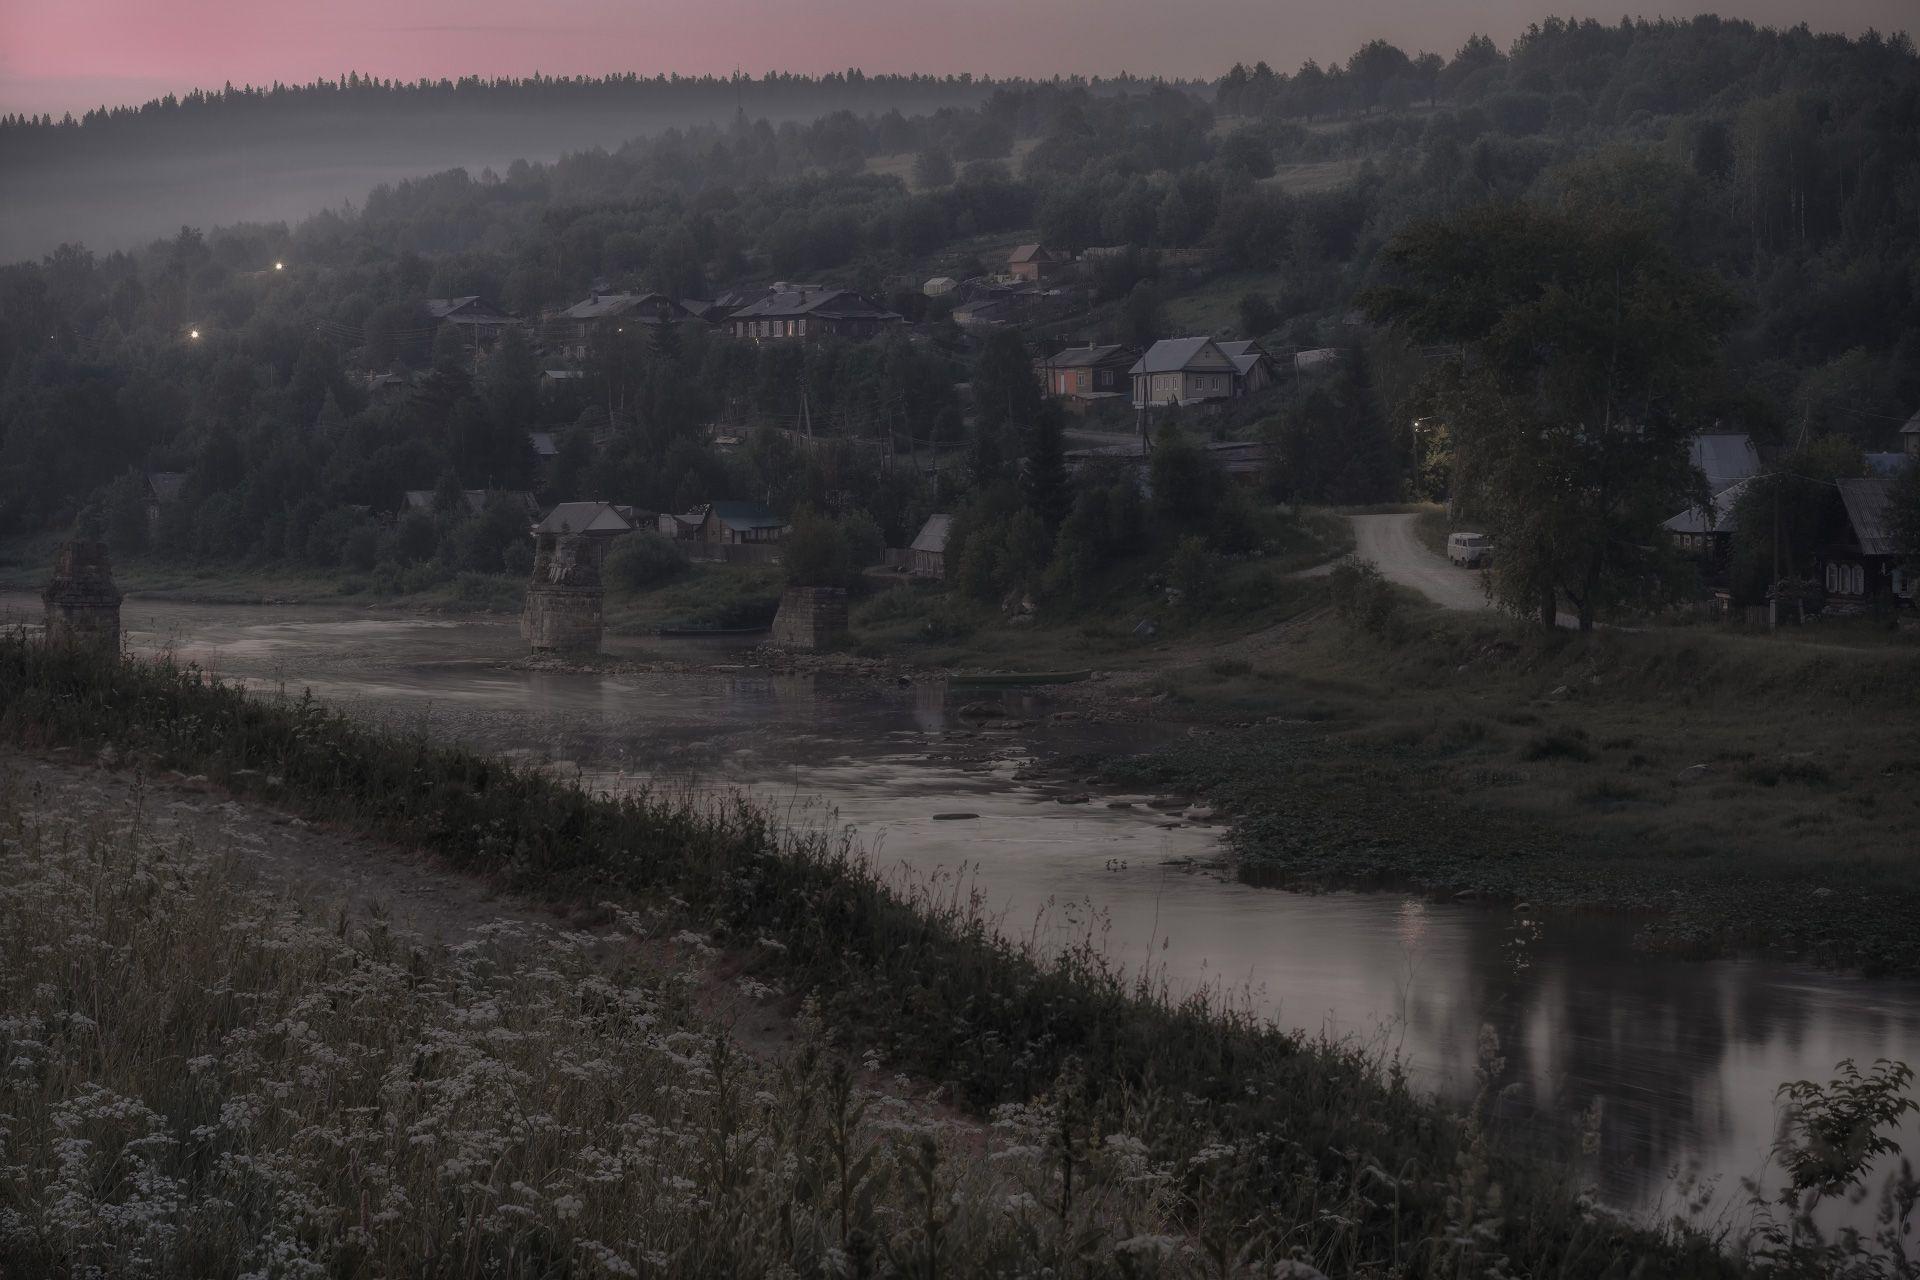 ночь, белая, лето, усьва, река, село, туман, фонарь, пейзаж, Чиж Андрей